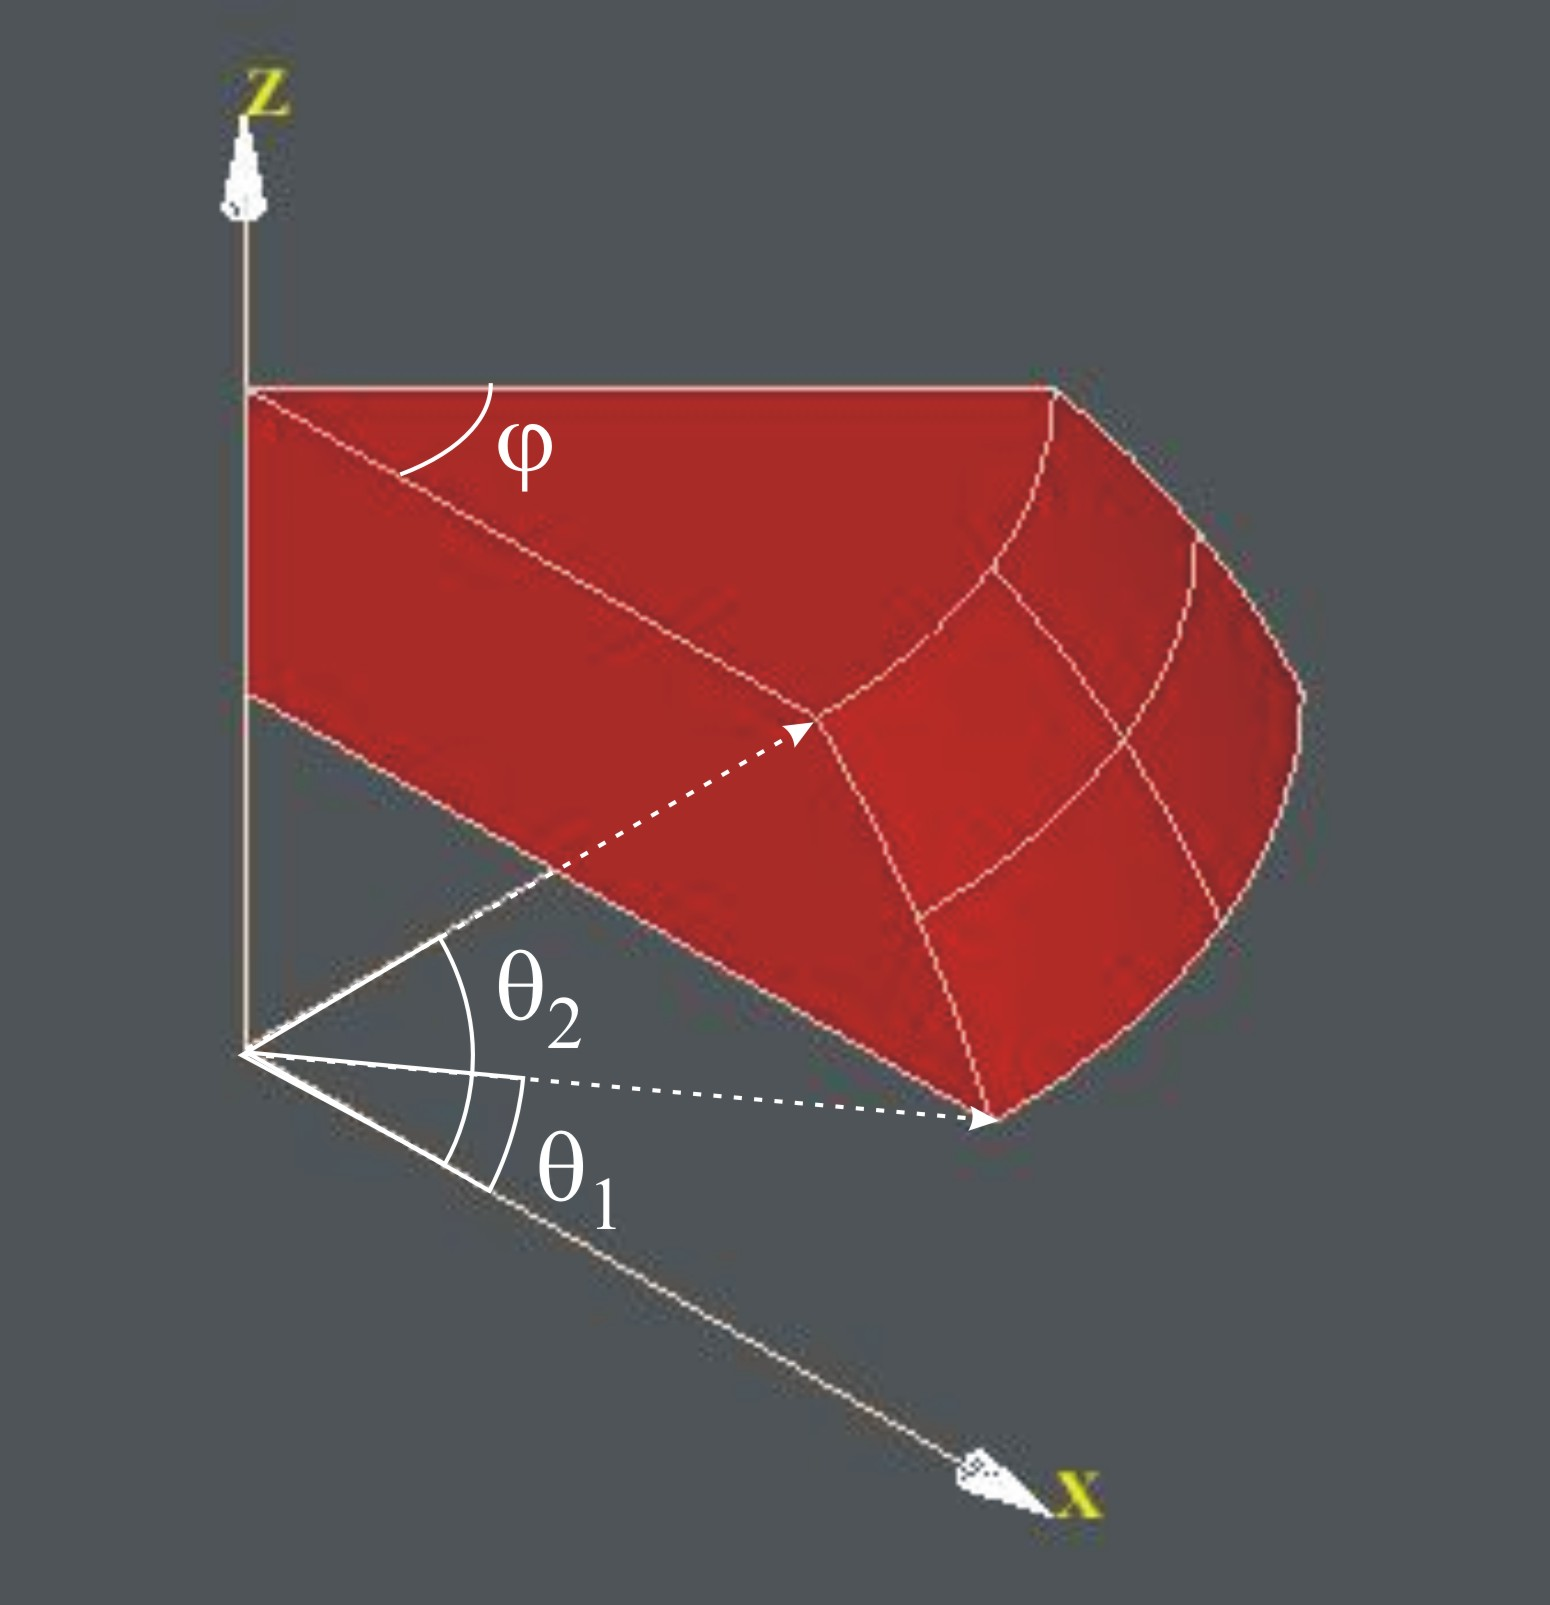 OCC_sphere02.JPG